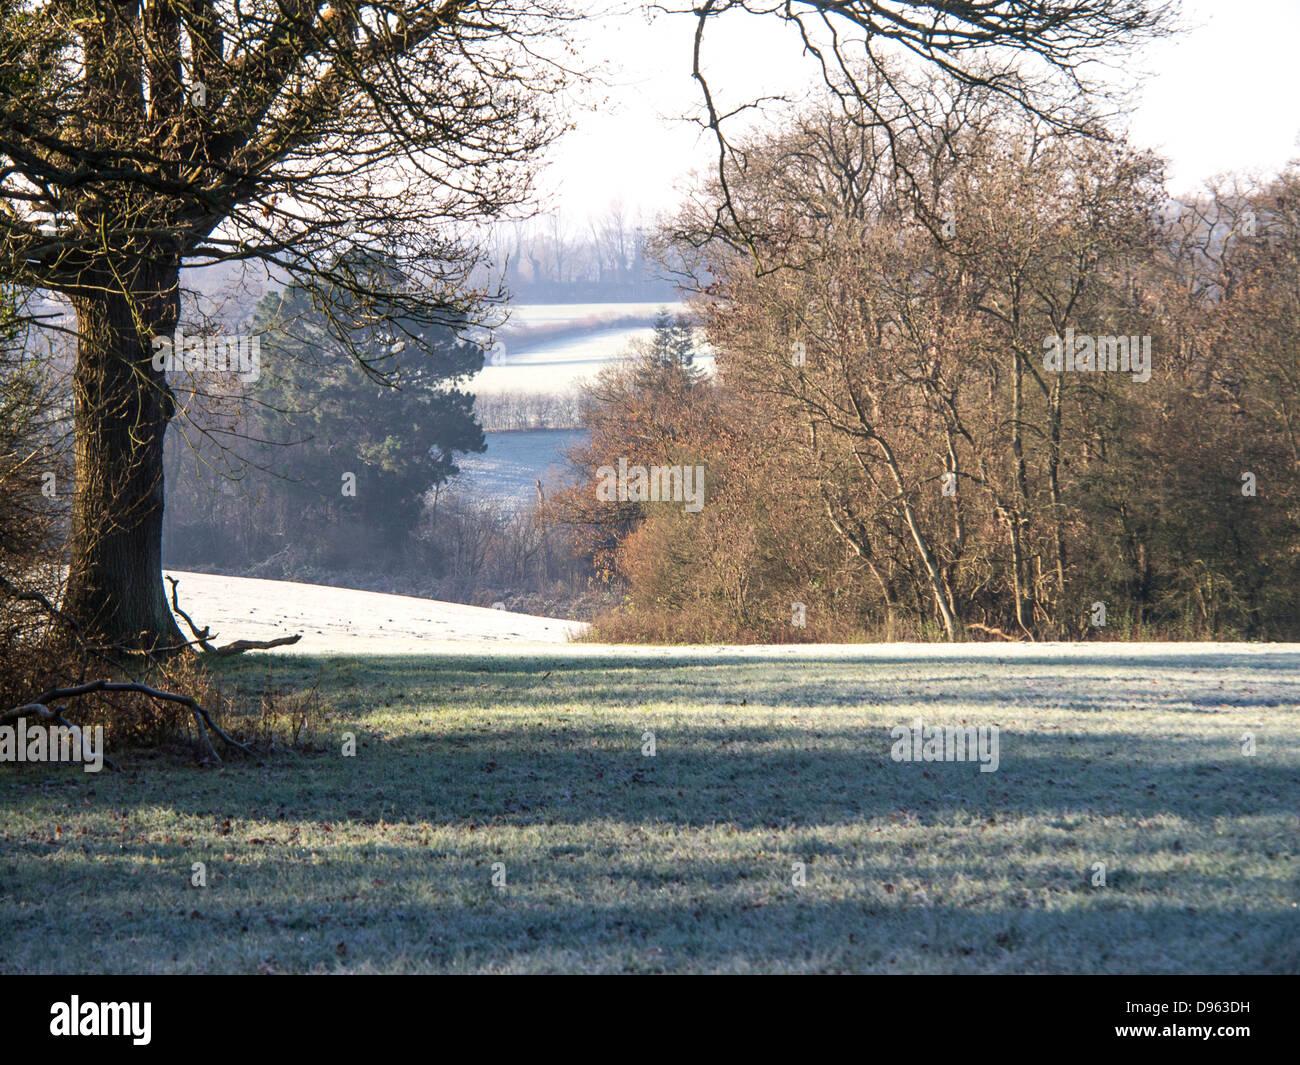 Los campos de pastoreo con escarcha en noviembre frío, en Kent, Inglaterra. Foto de stock